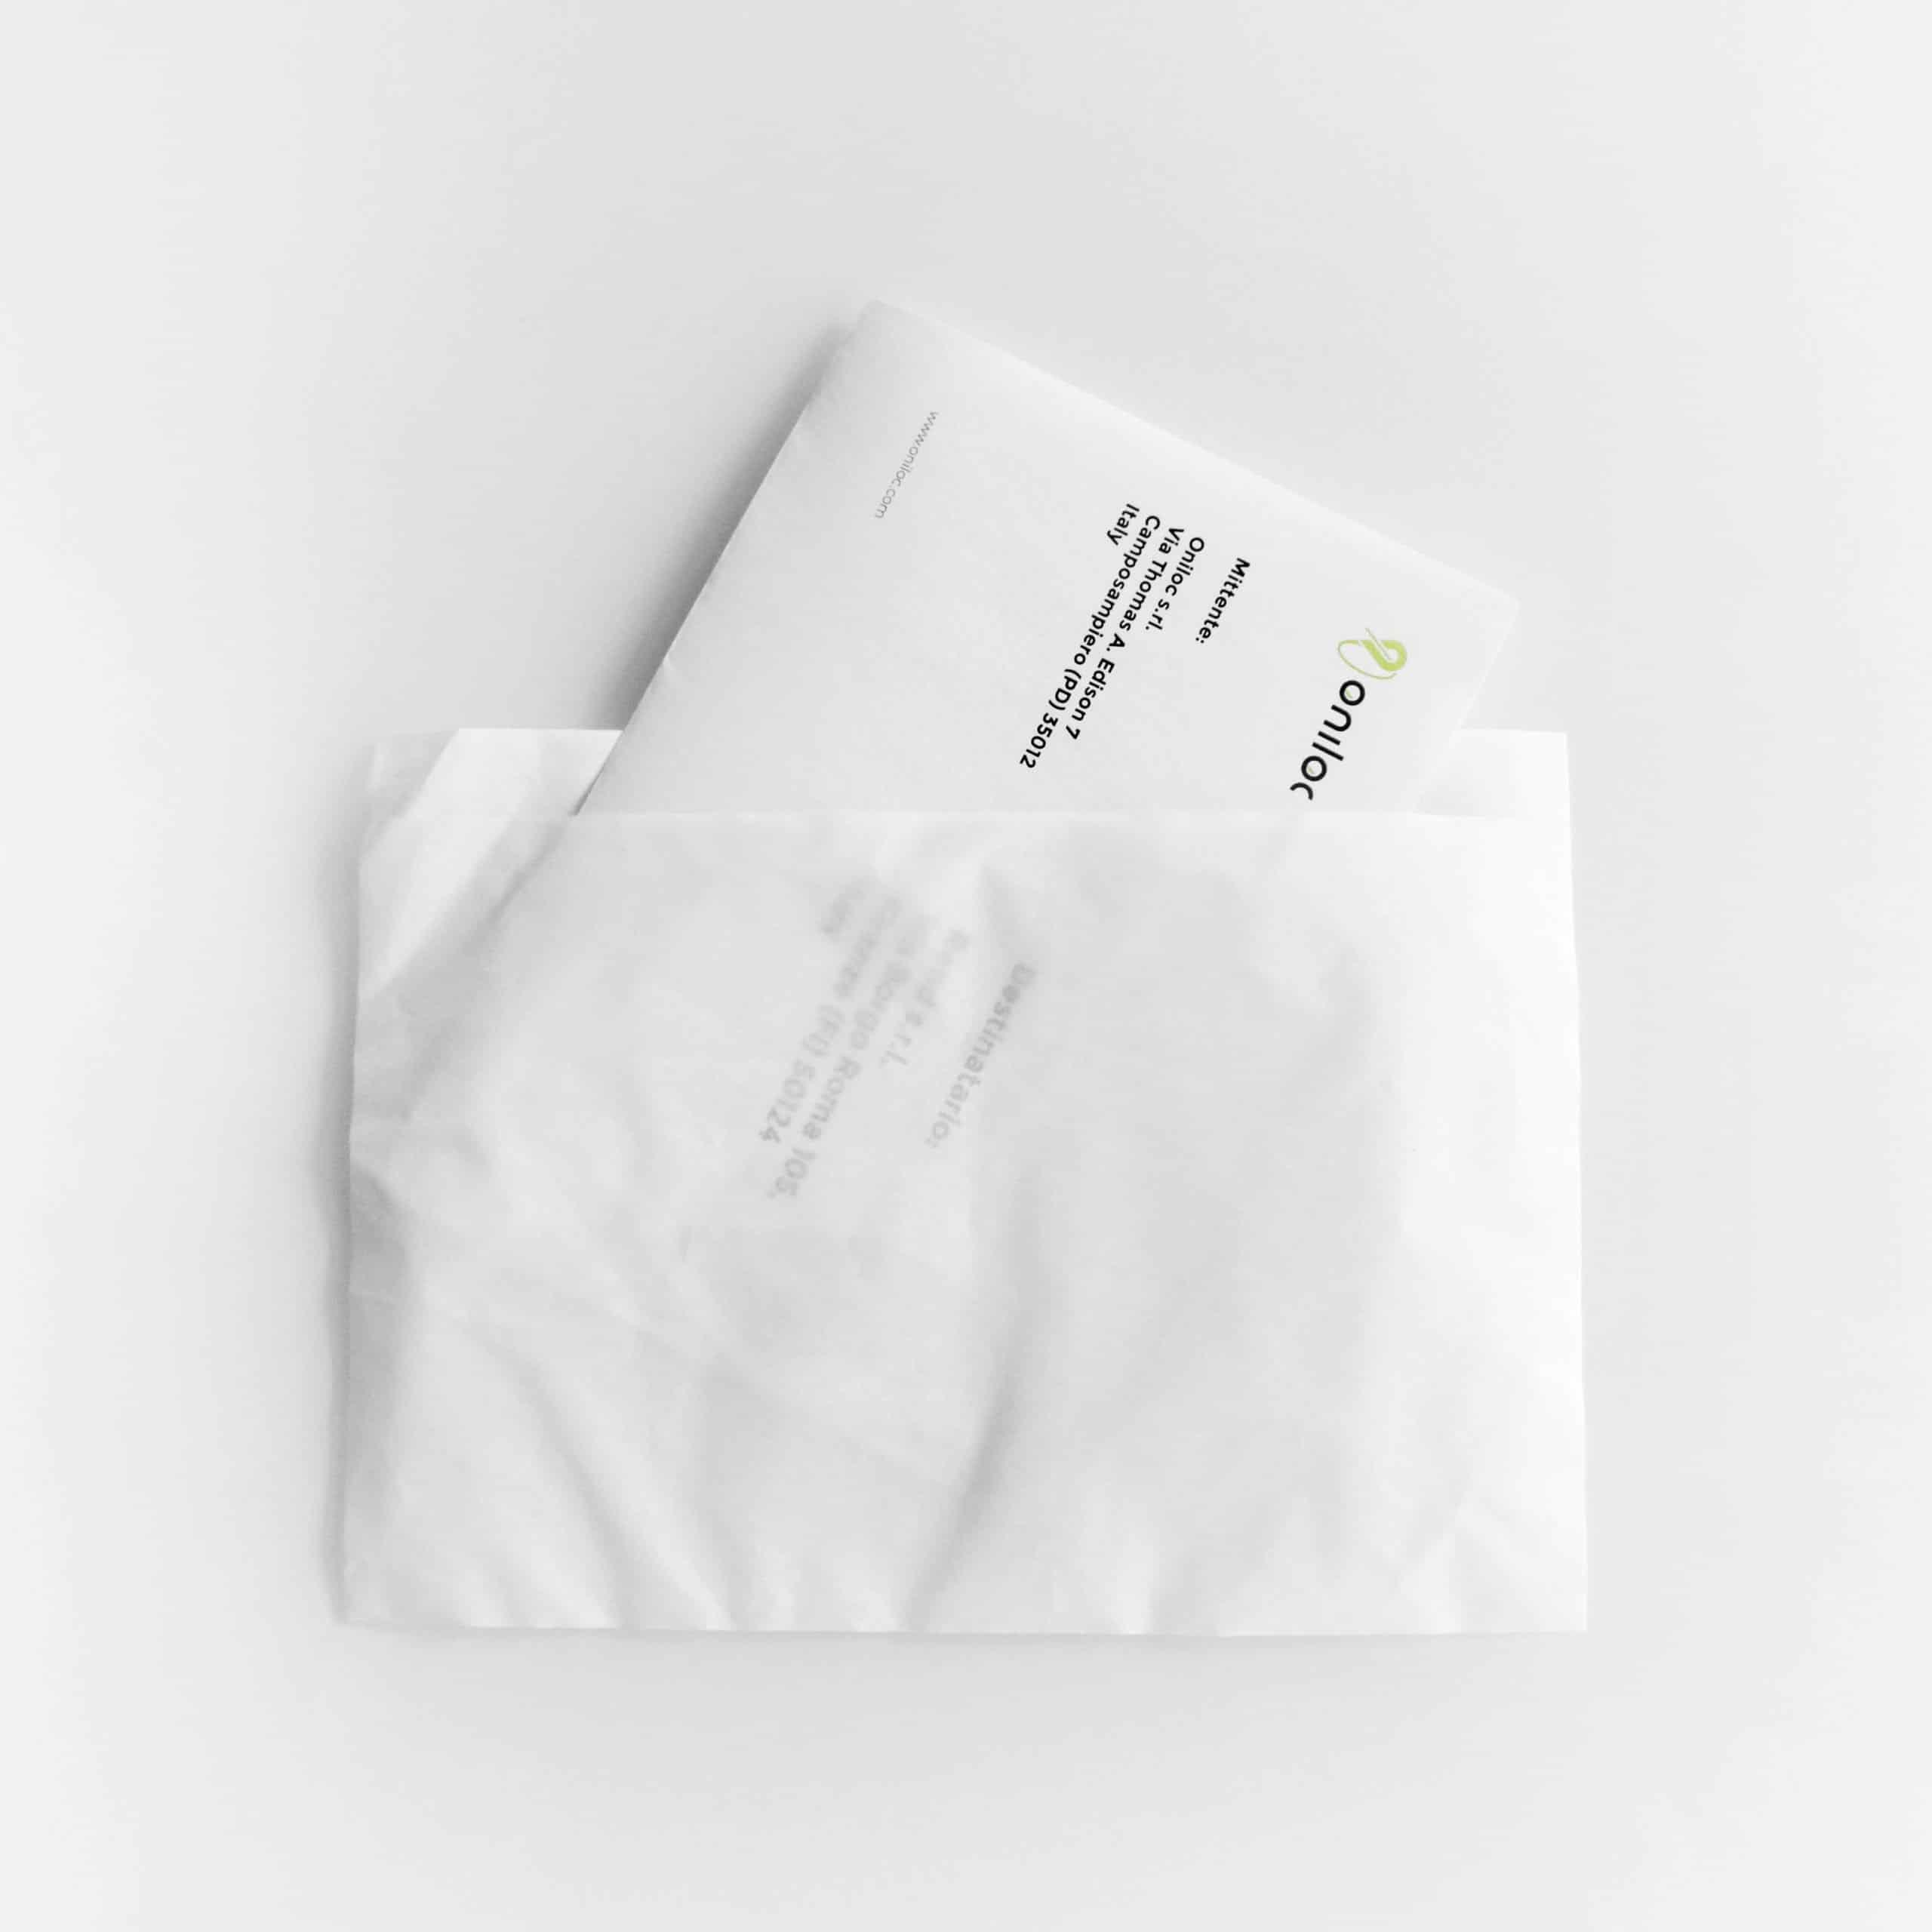 Busta adesiva trasparente porta documenti trasporto